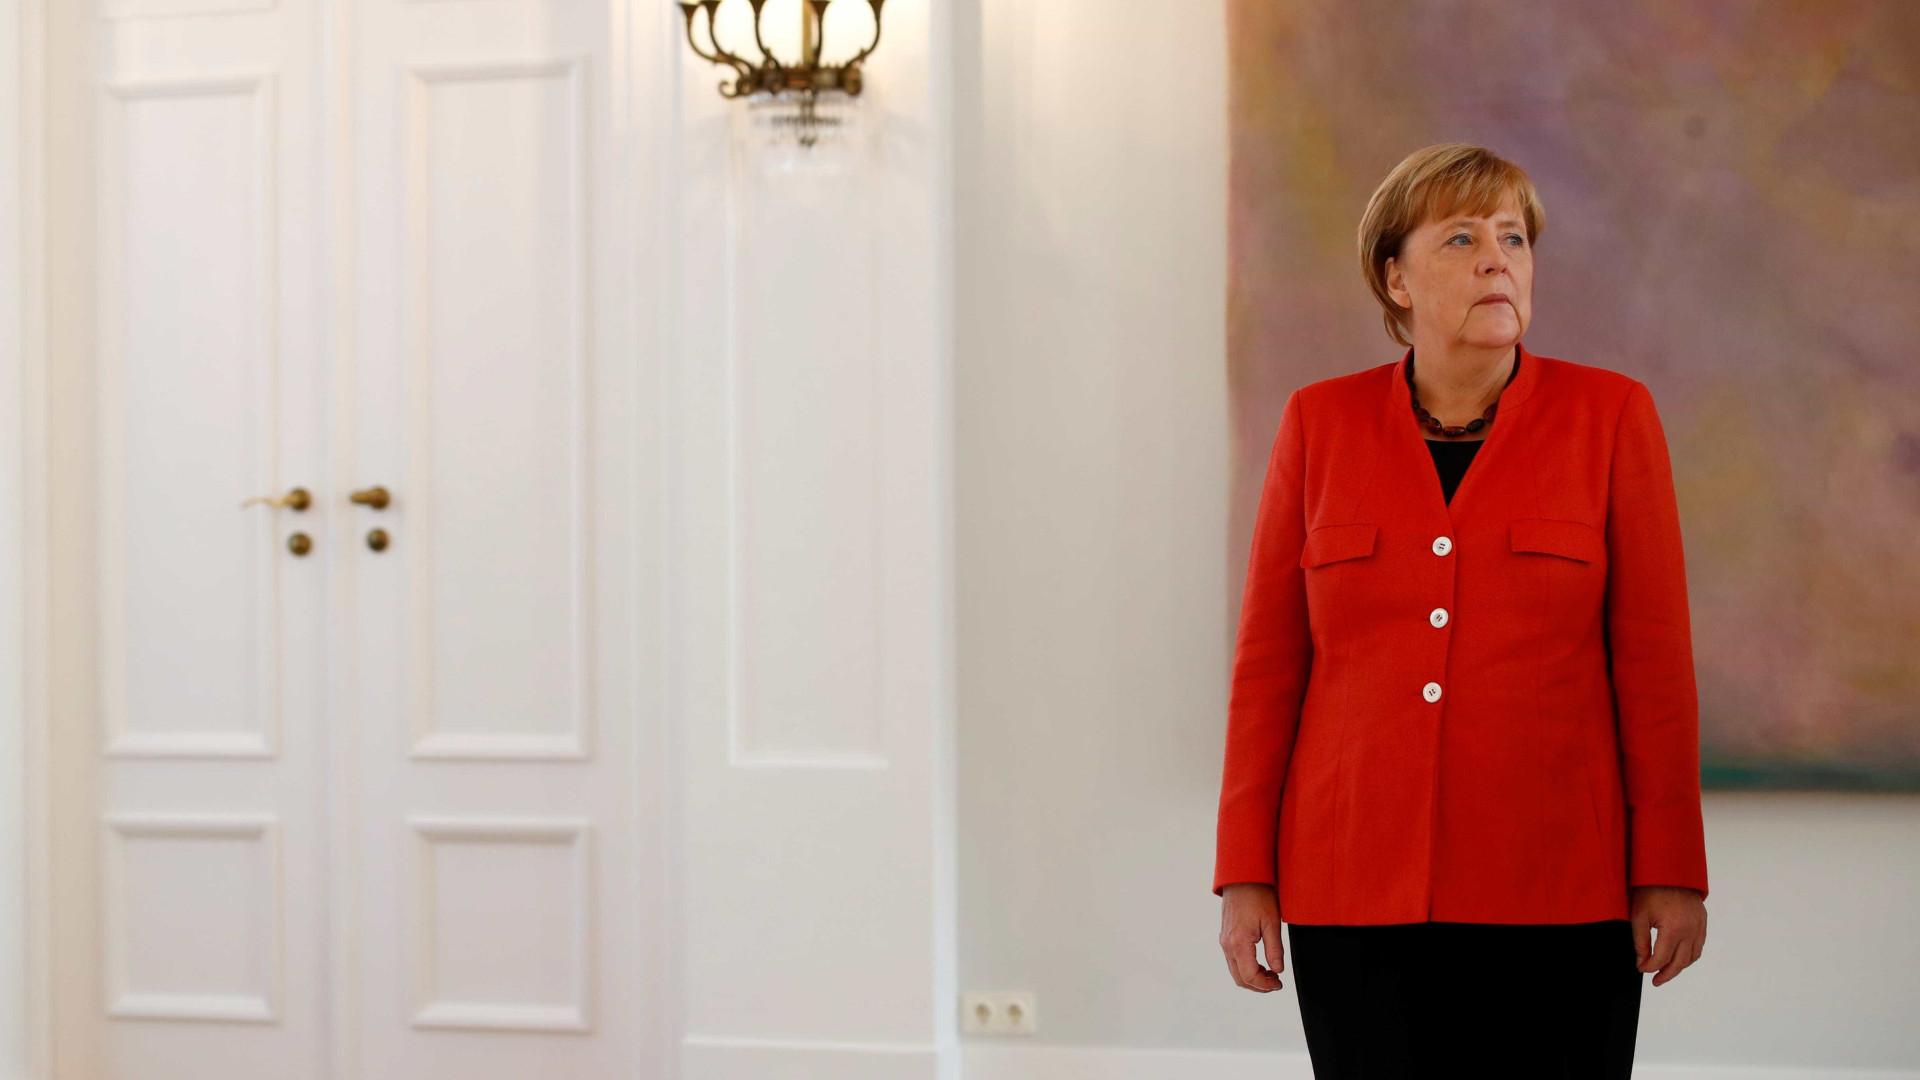 Angela Merkel lamenta fracasso de negociações para formar governo